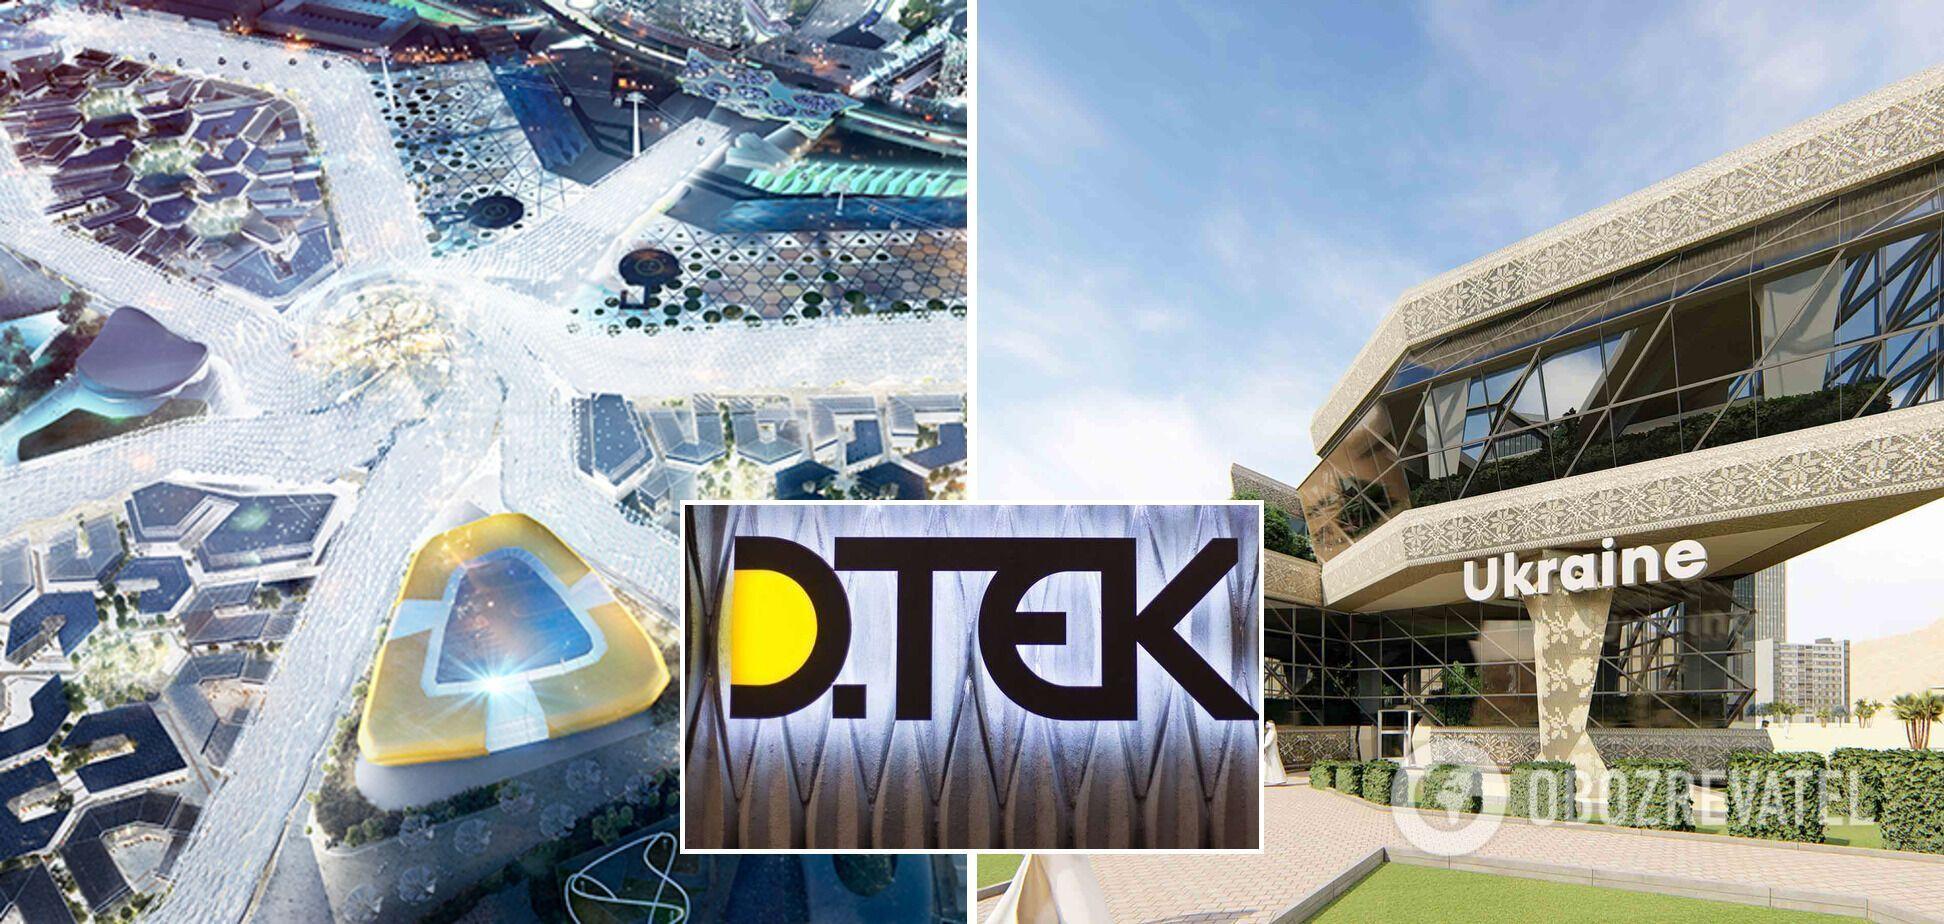 ДТЭК присоединился к делегации Украины на всемирной выставке Expo 2020